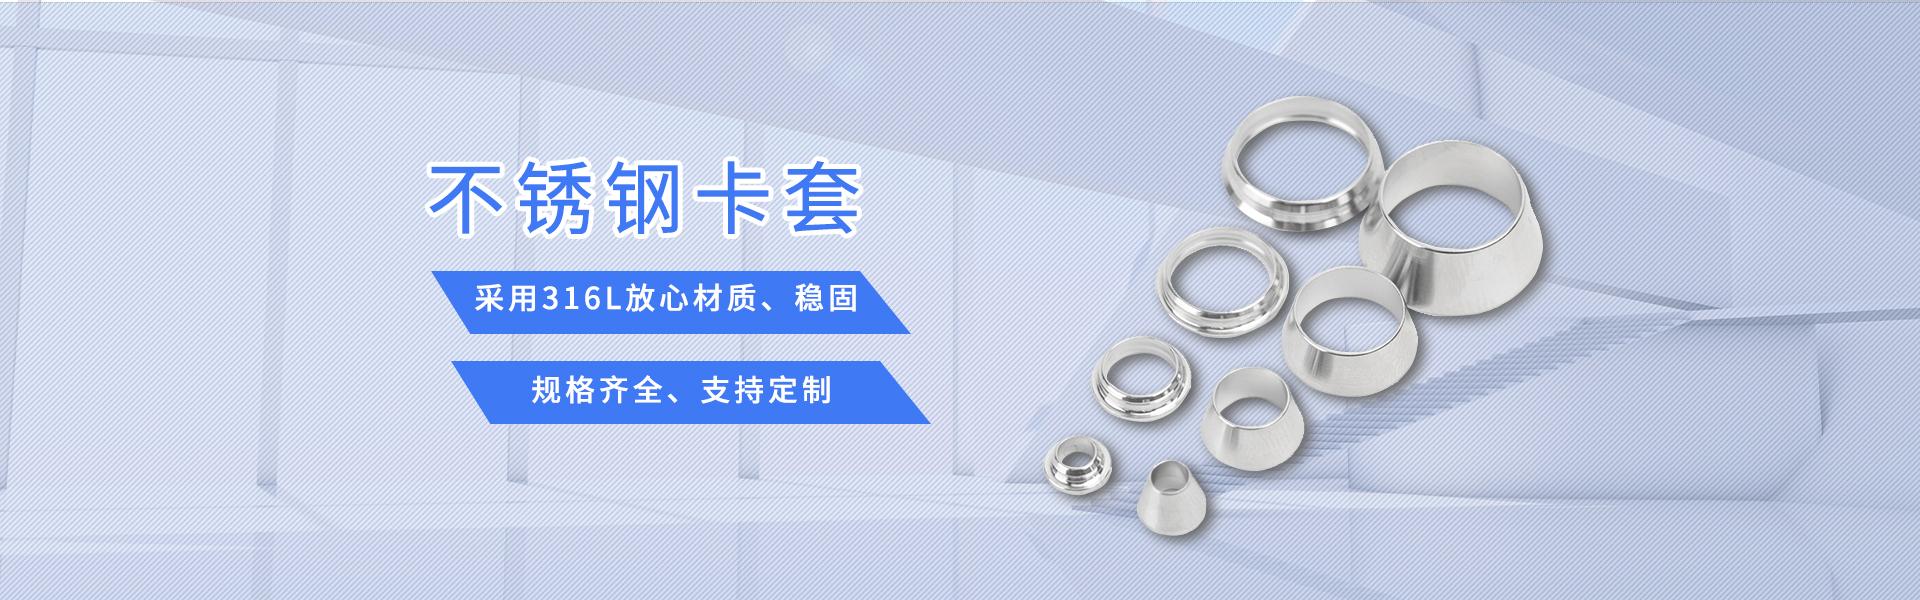 兴化市伟海不锈钢制品厂